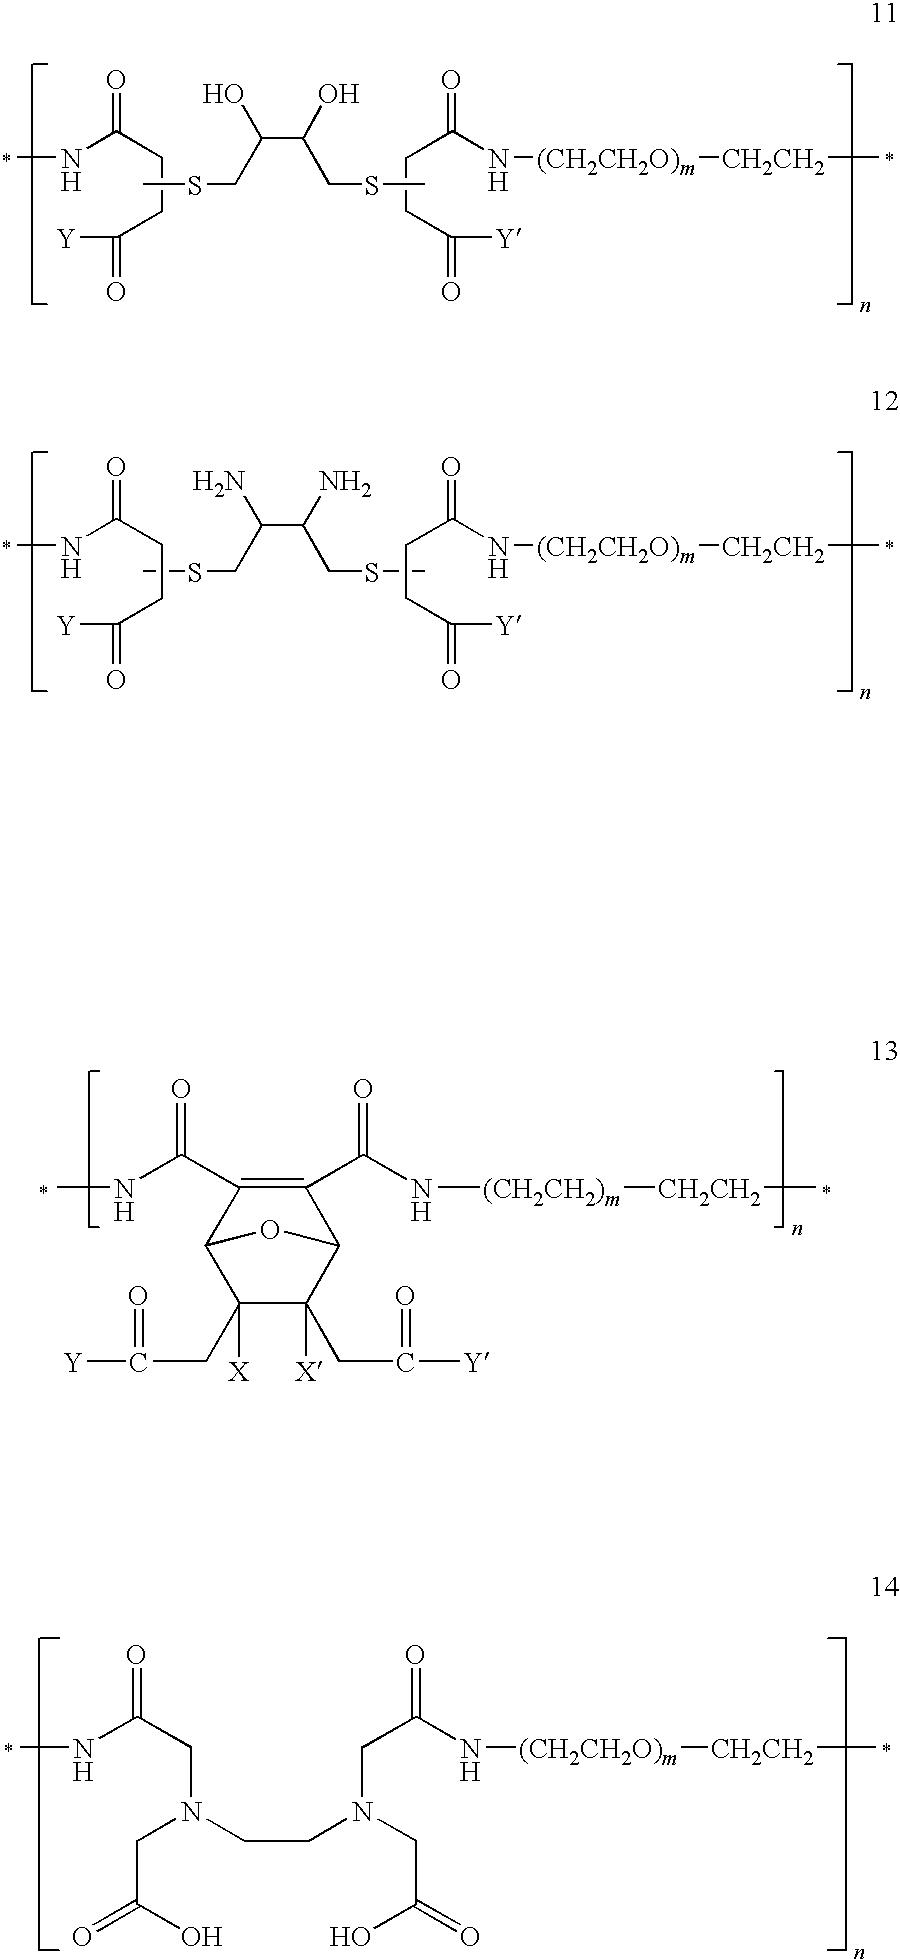 Figure US20100260743A1-20101014-C00009